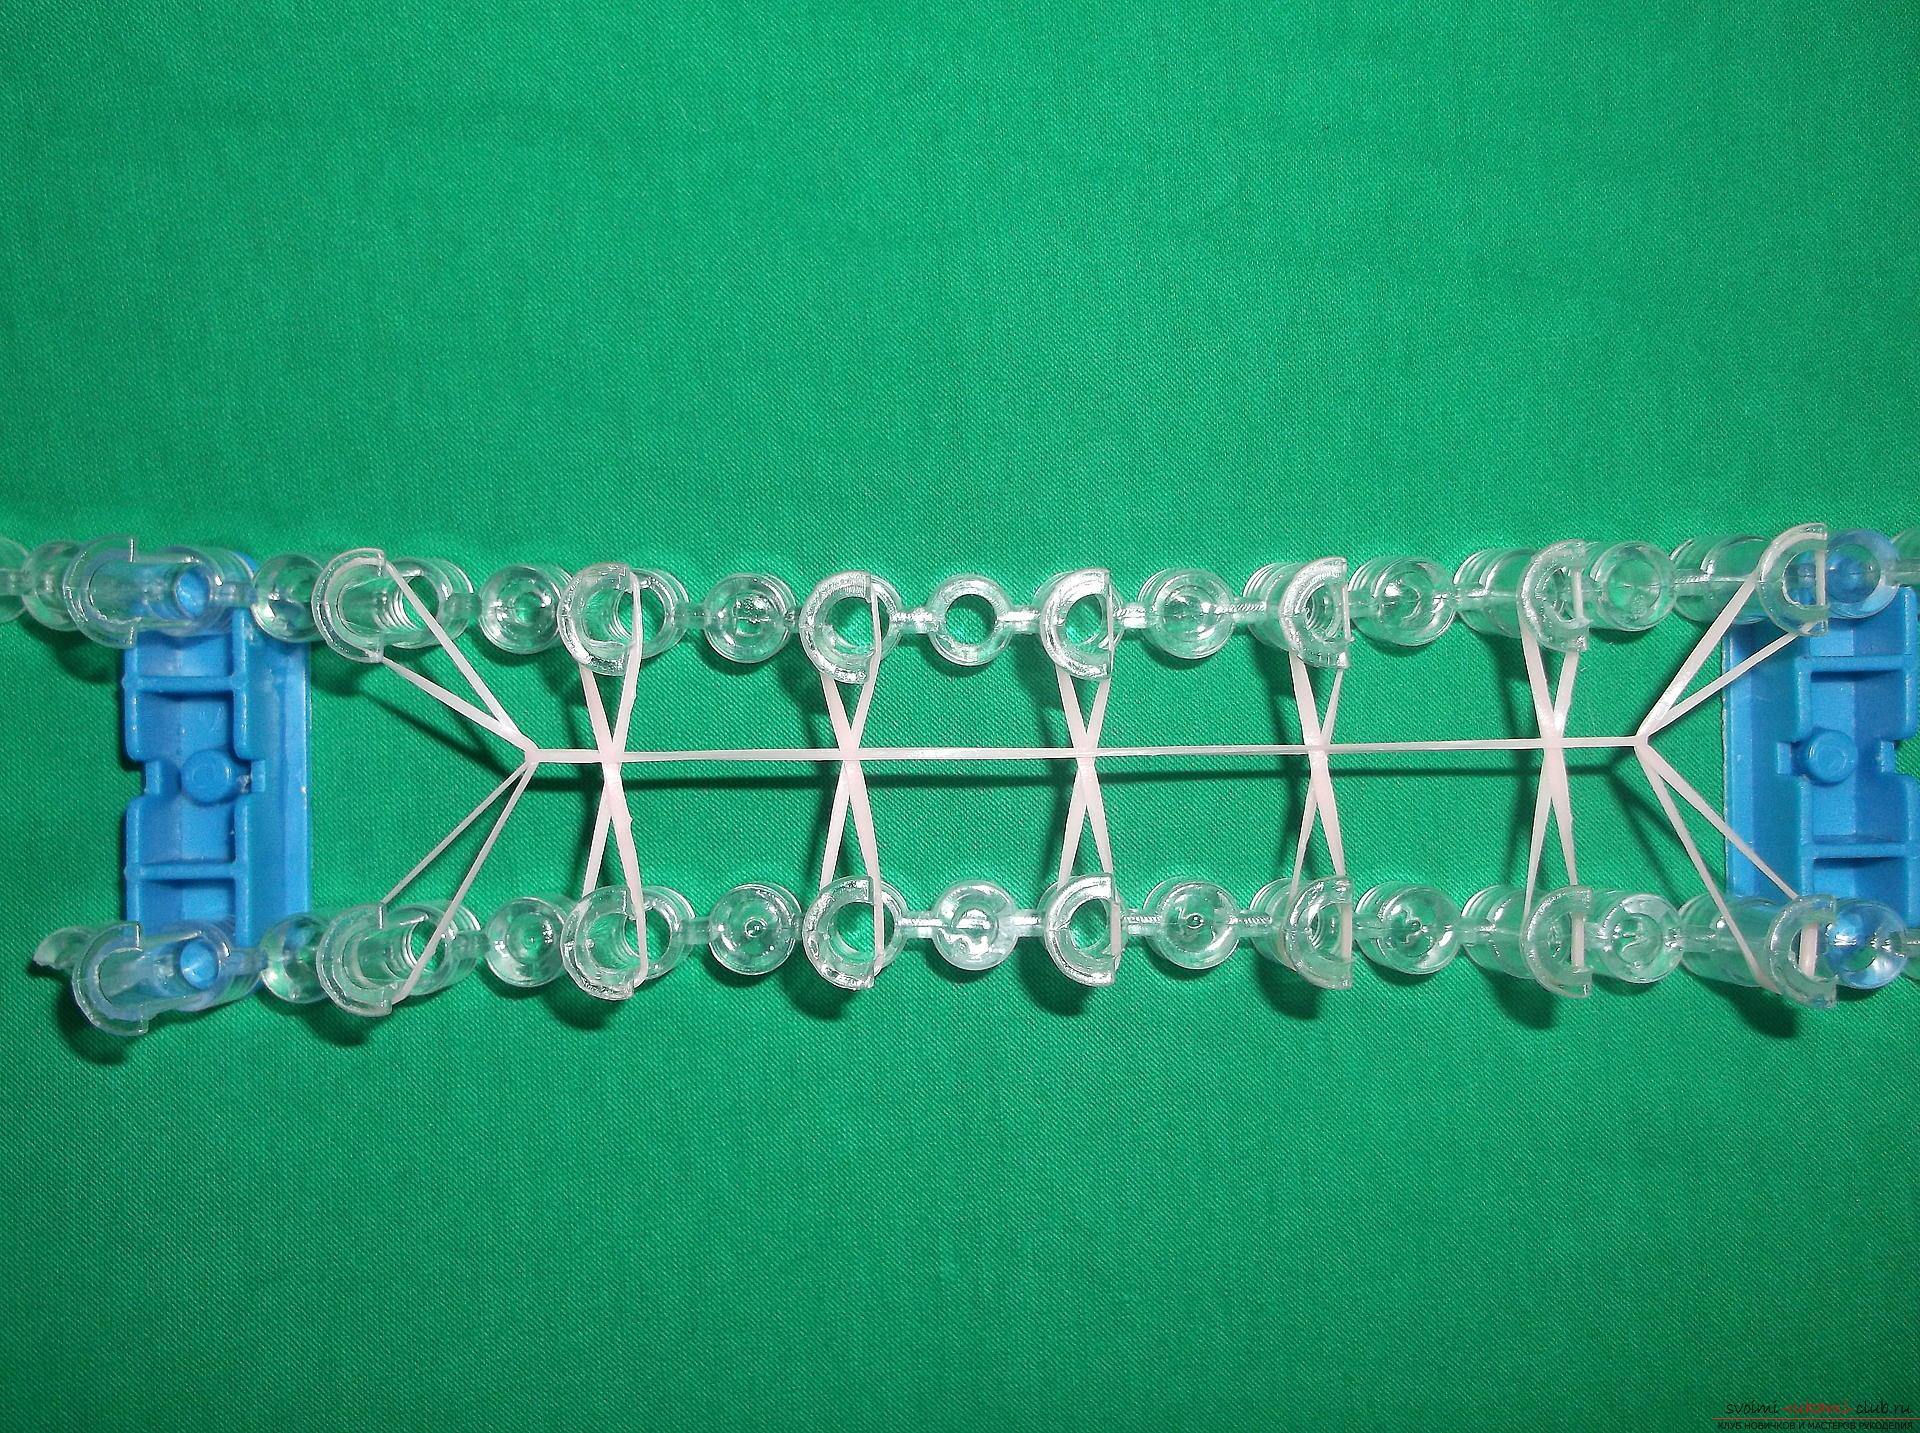 Фото к уроку по плетению браслета с надписью